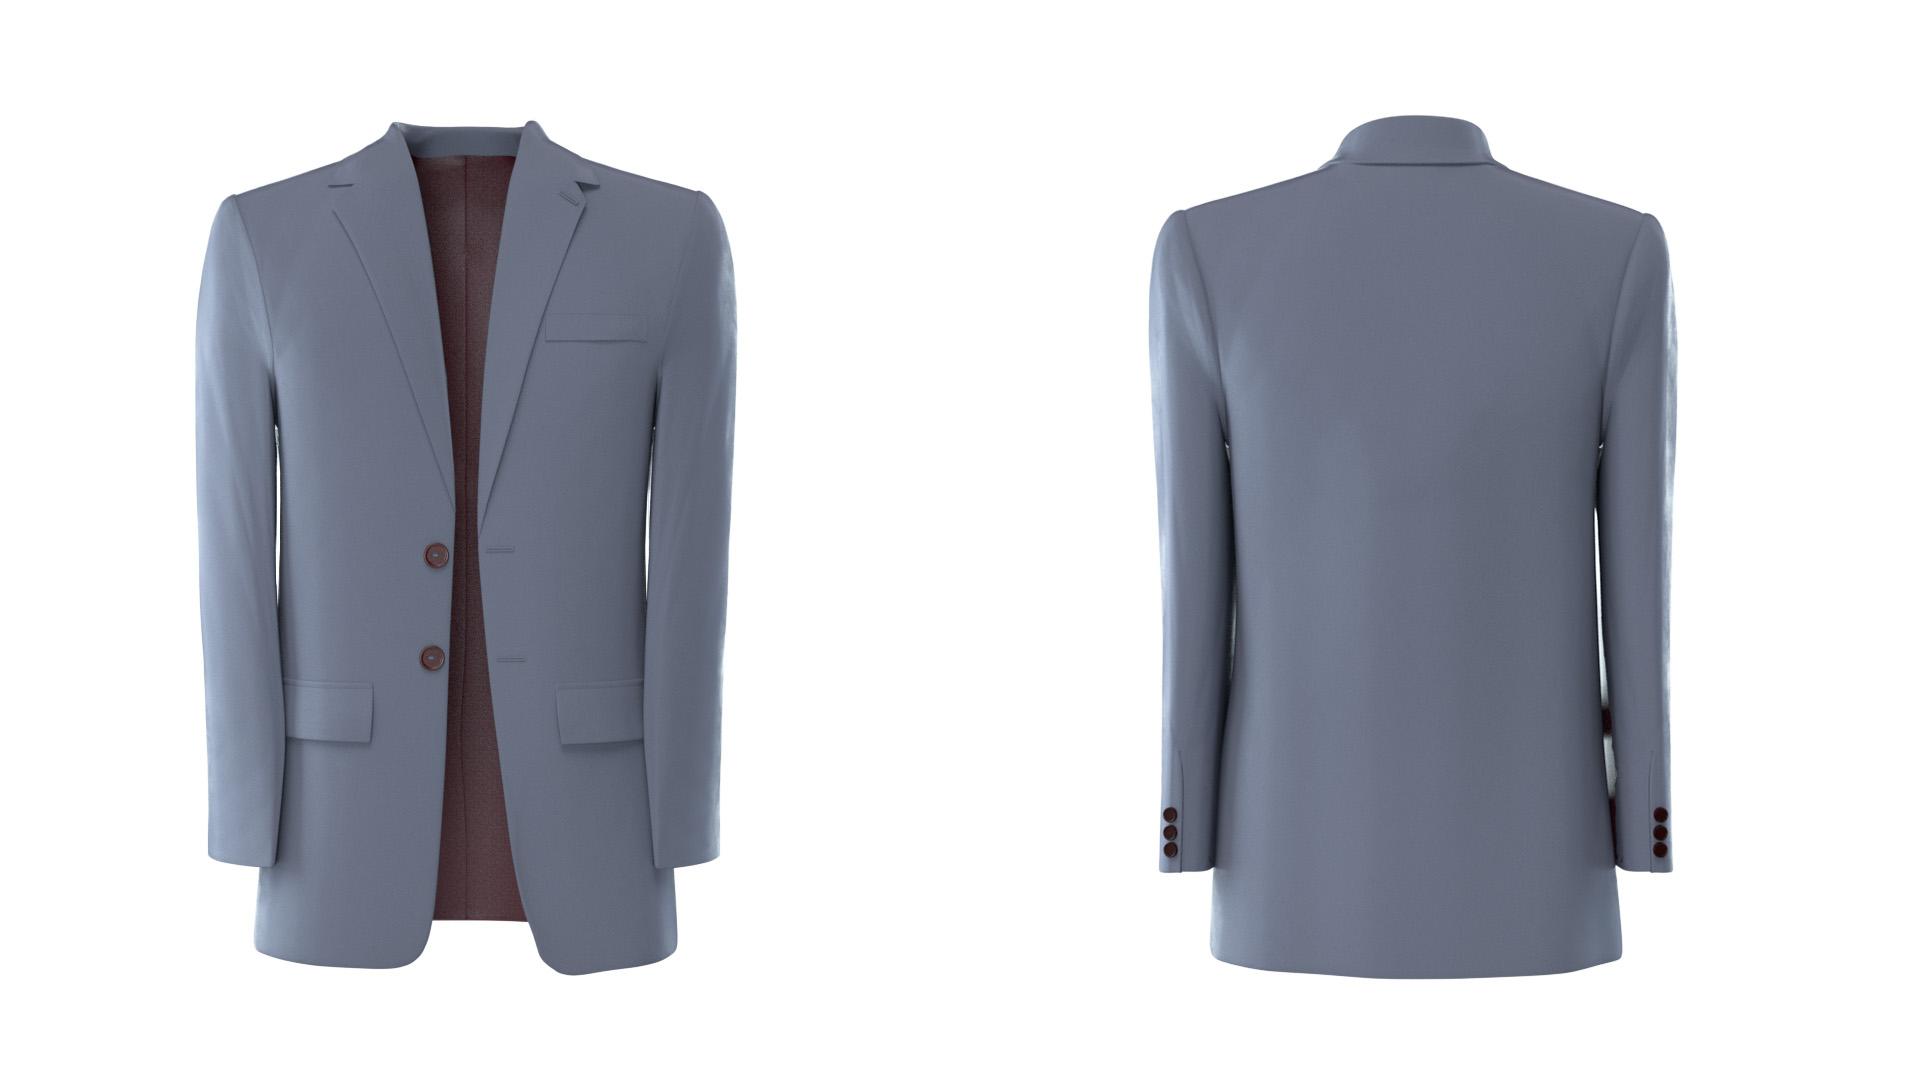 turning suit_2_FULL5.jpg